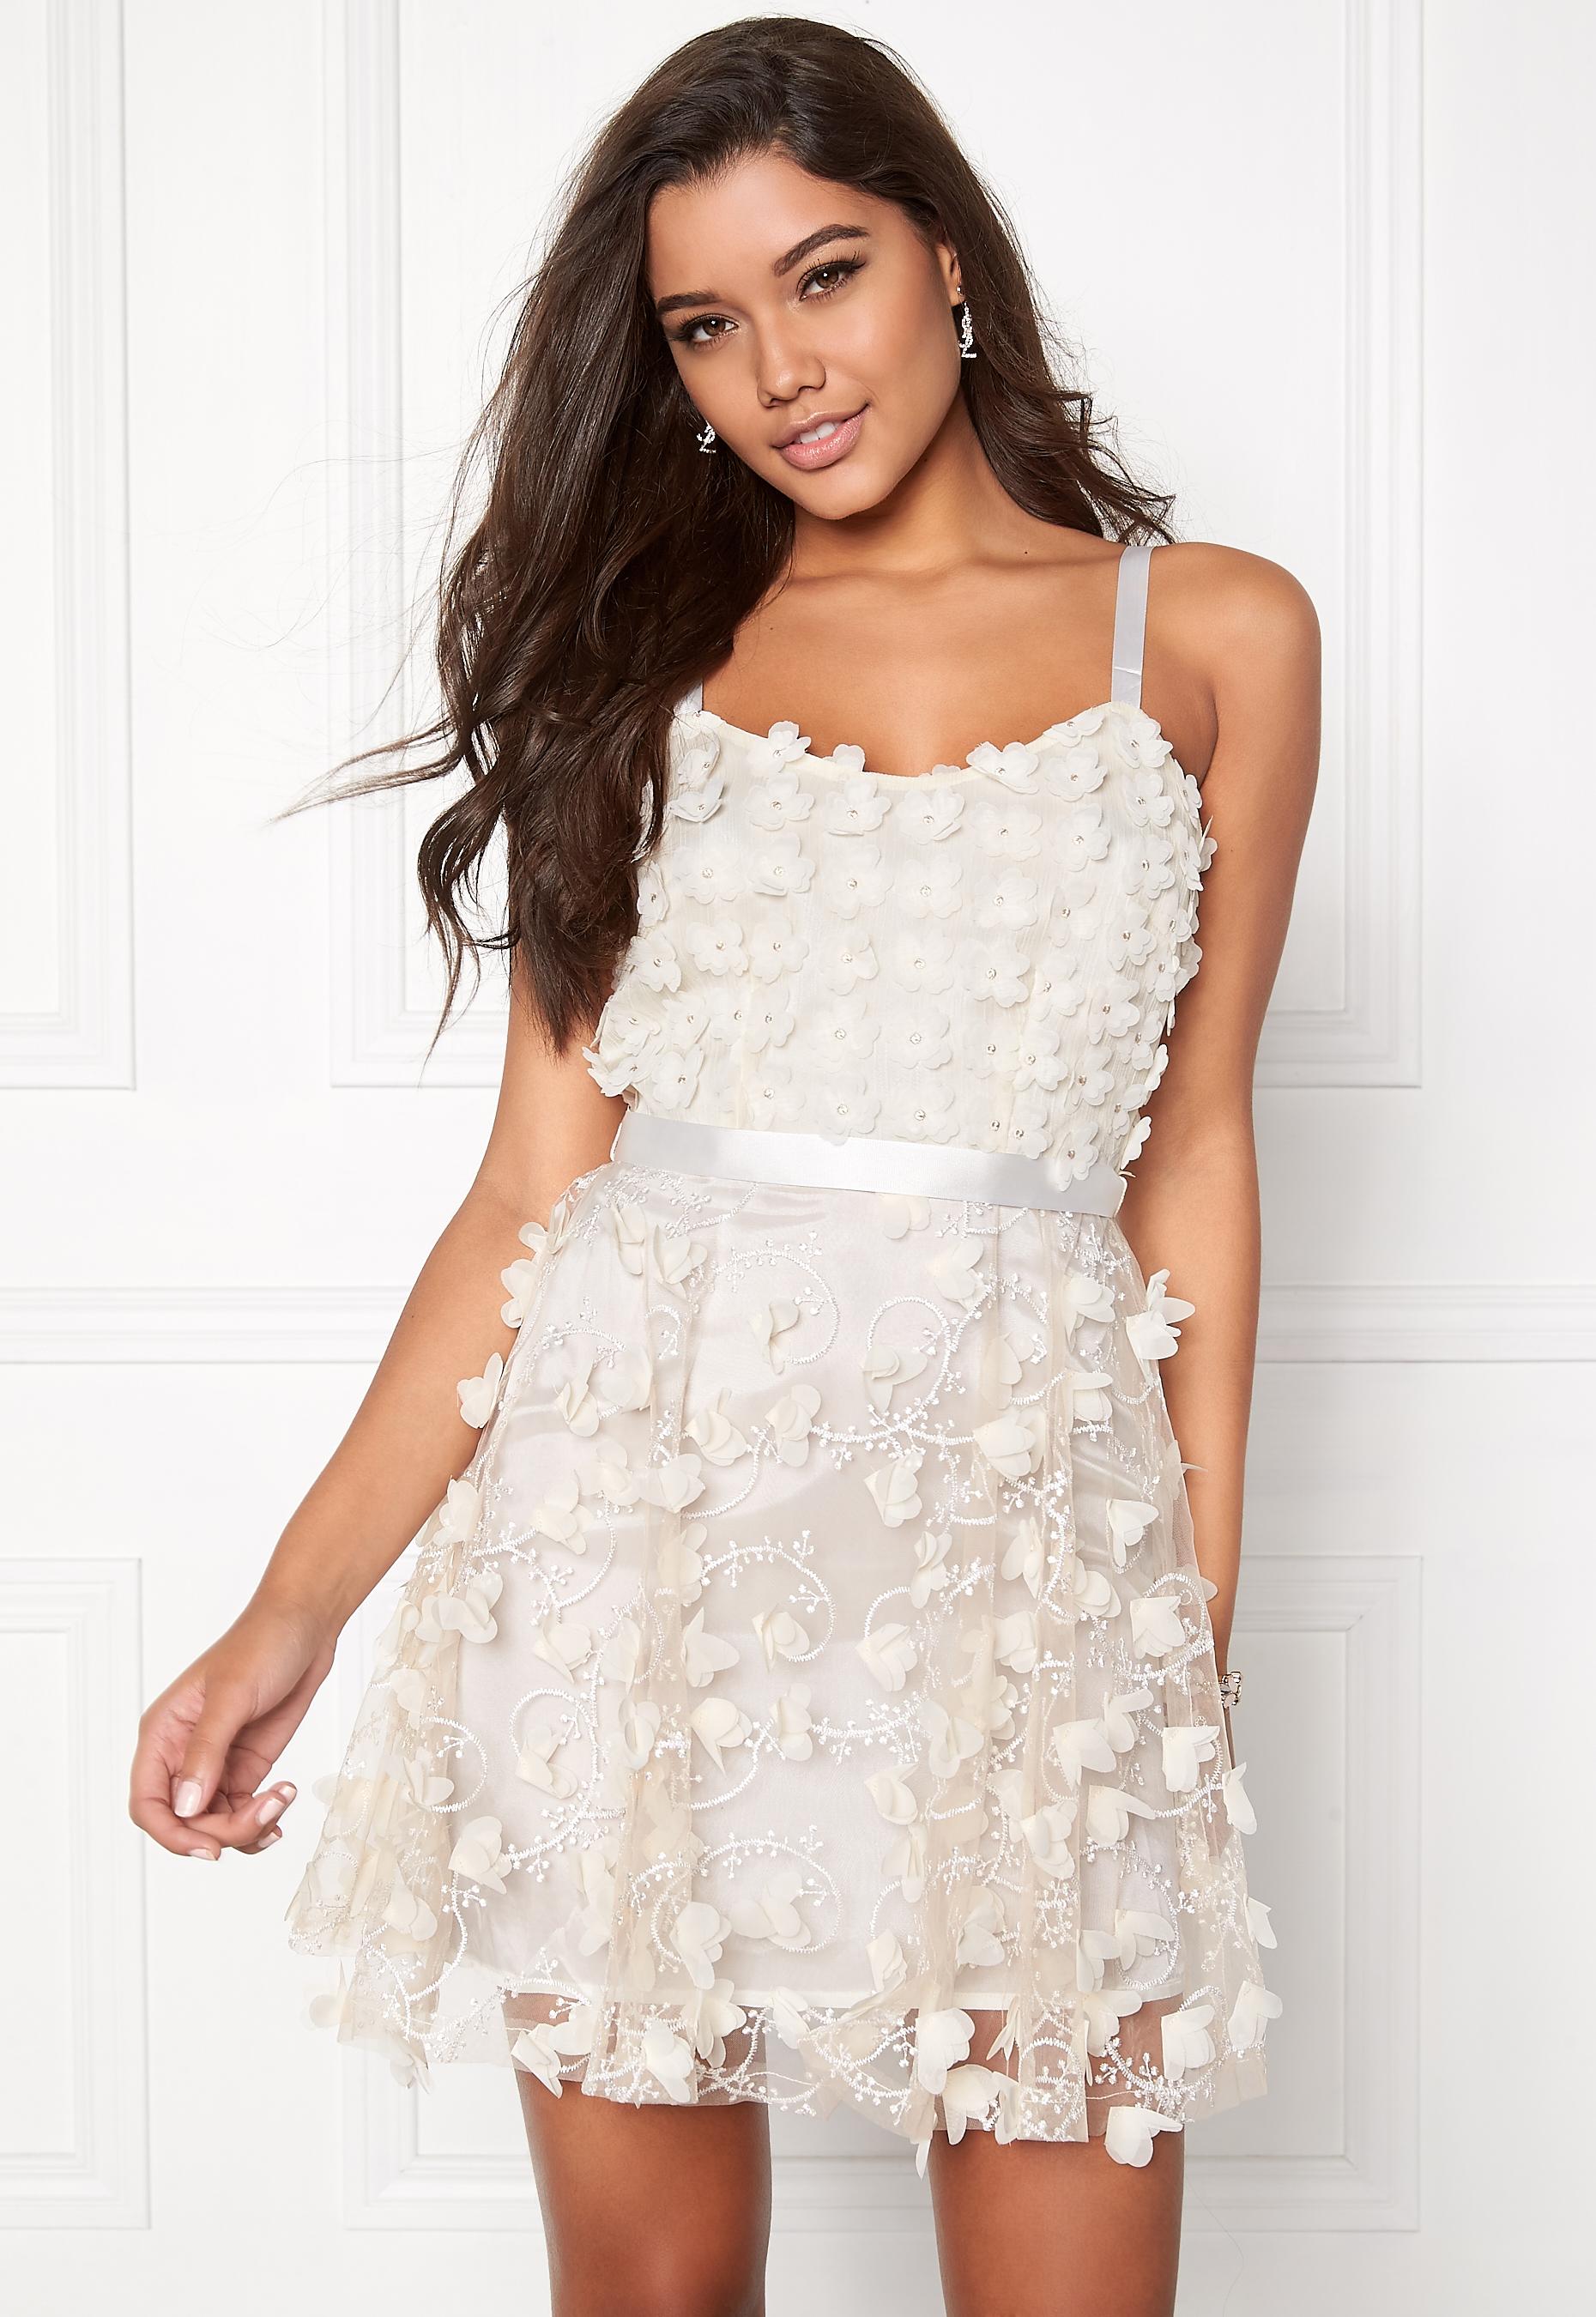 köpa ida sjöstedt klänning